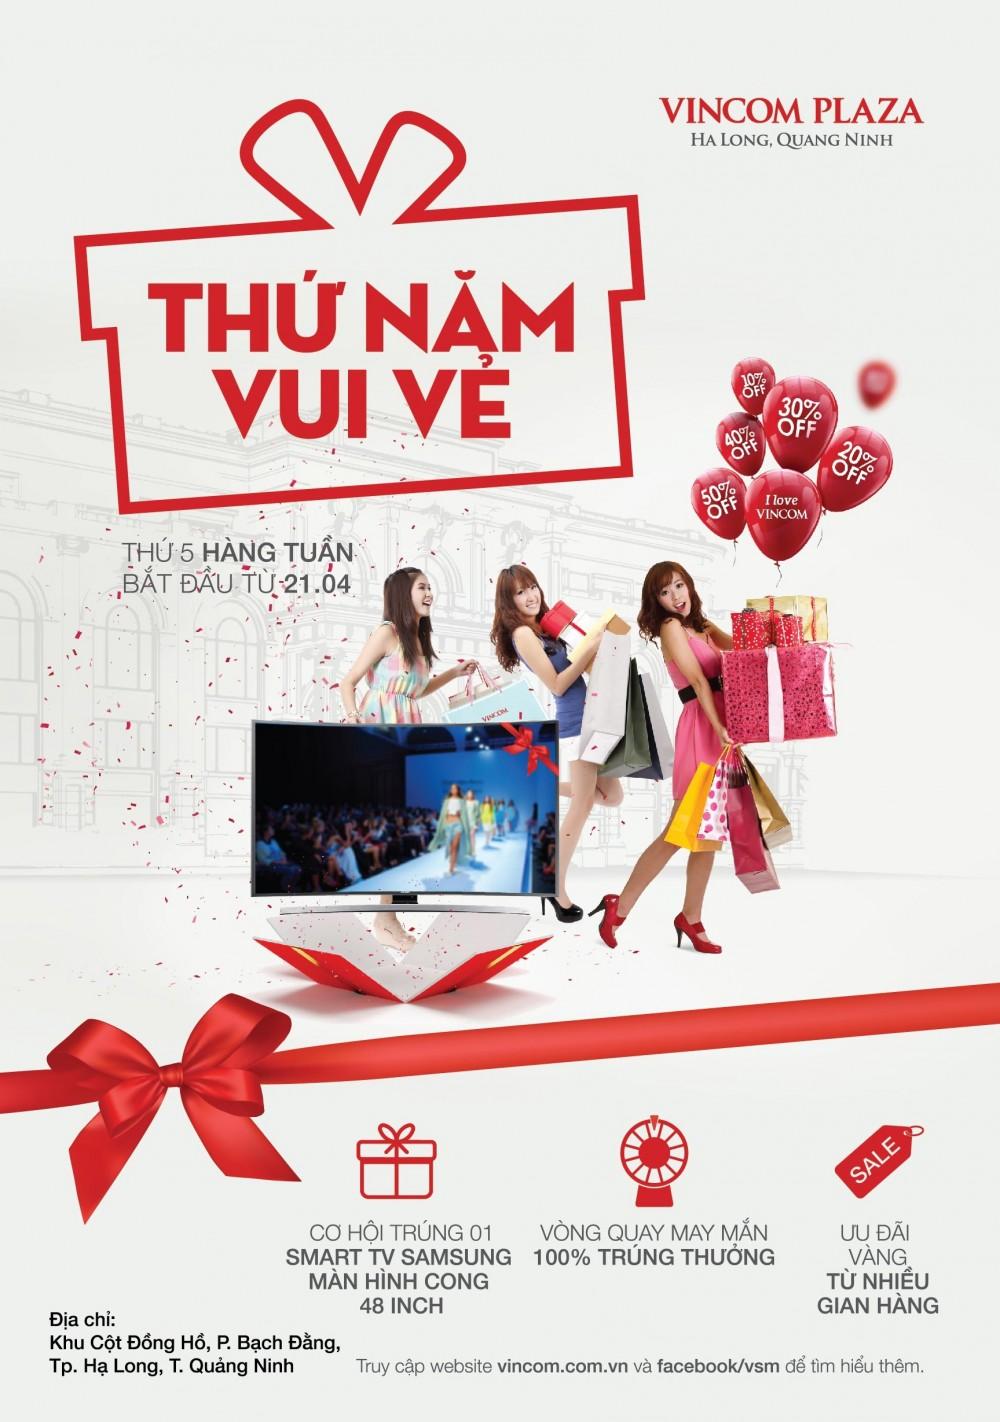 'Thứ Năm Vui Vẻ' tại Vincom Plaza Hạ Long, Quảng Ninh